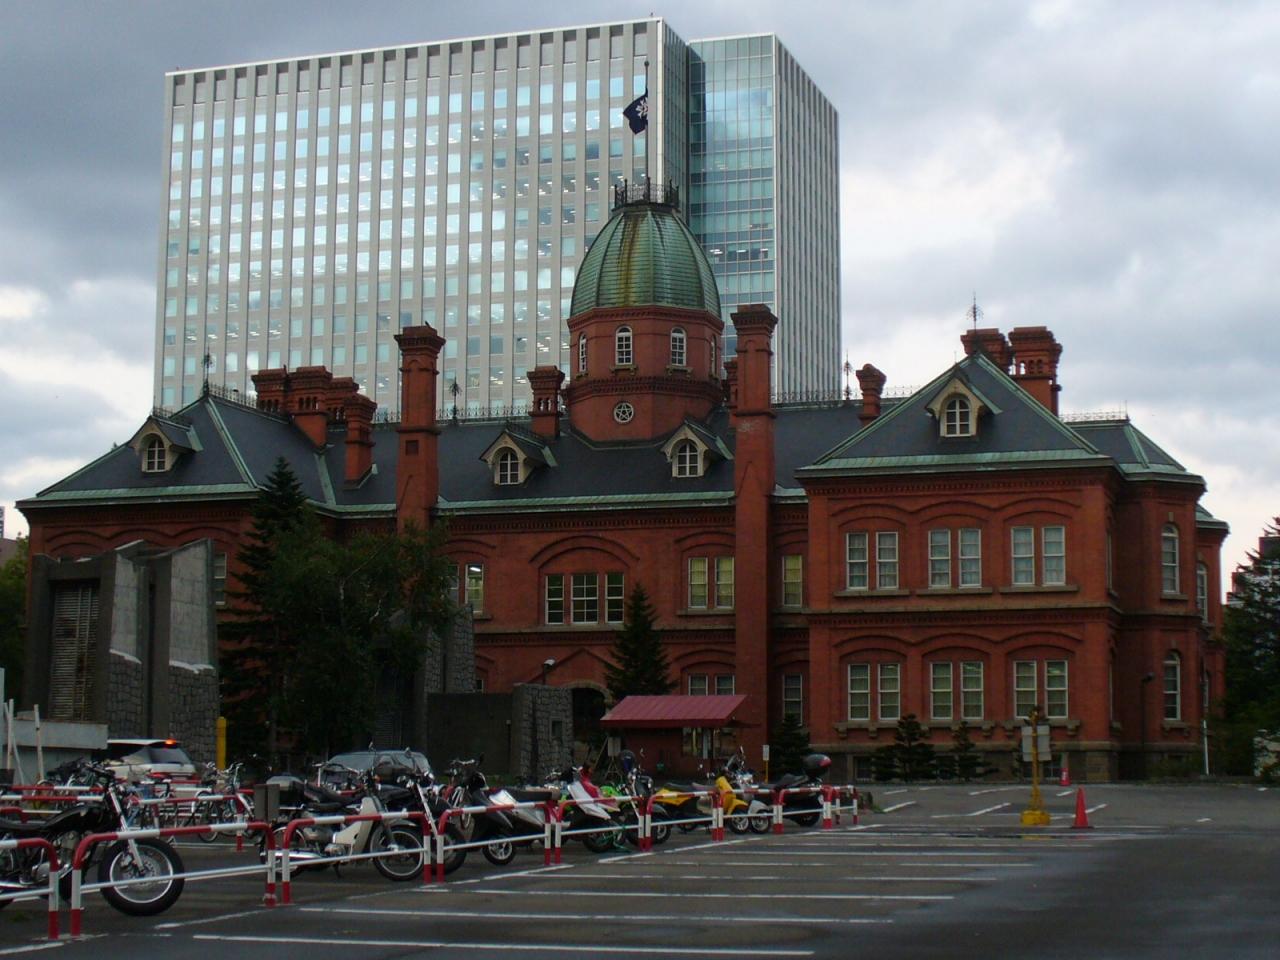 札幌後楽園ホテルに滞在した。<br />このホテルは後に、